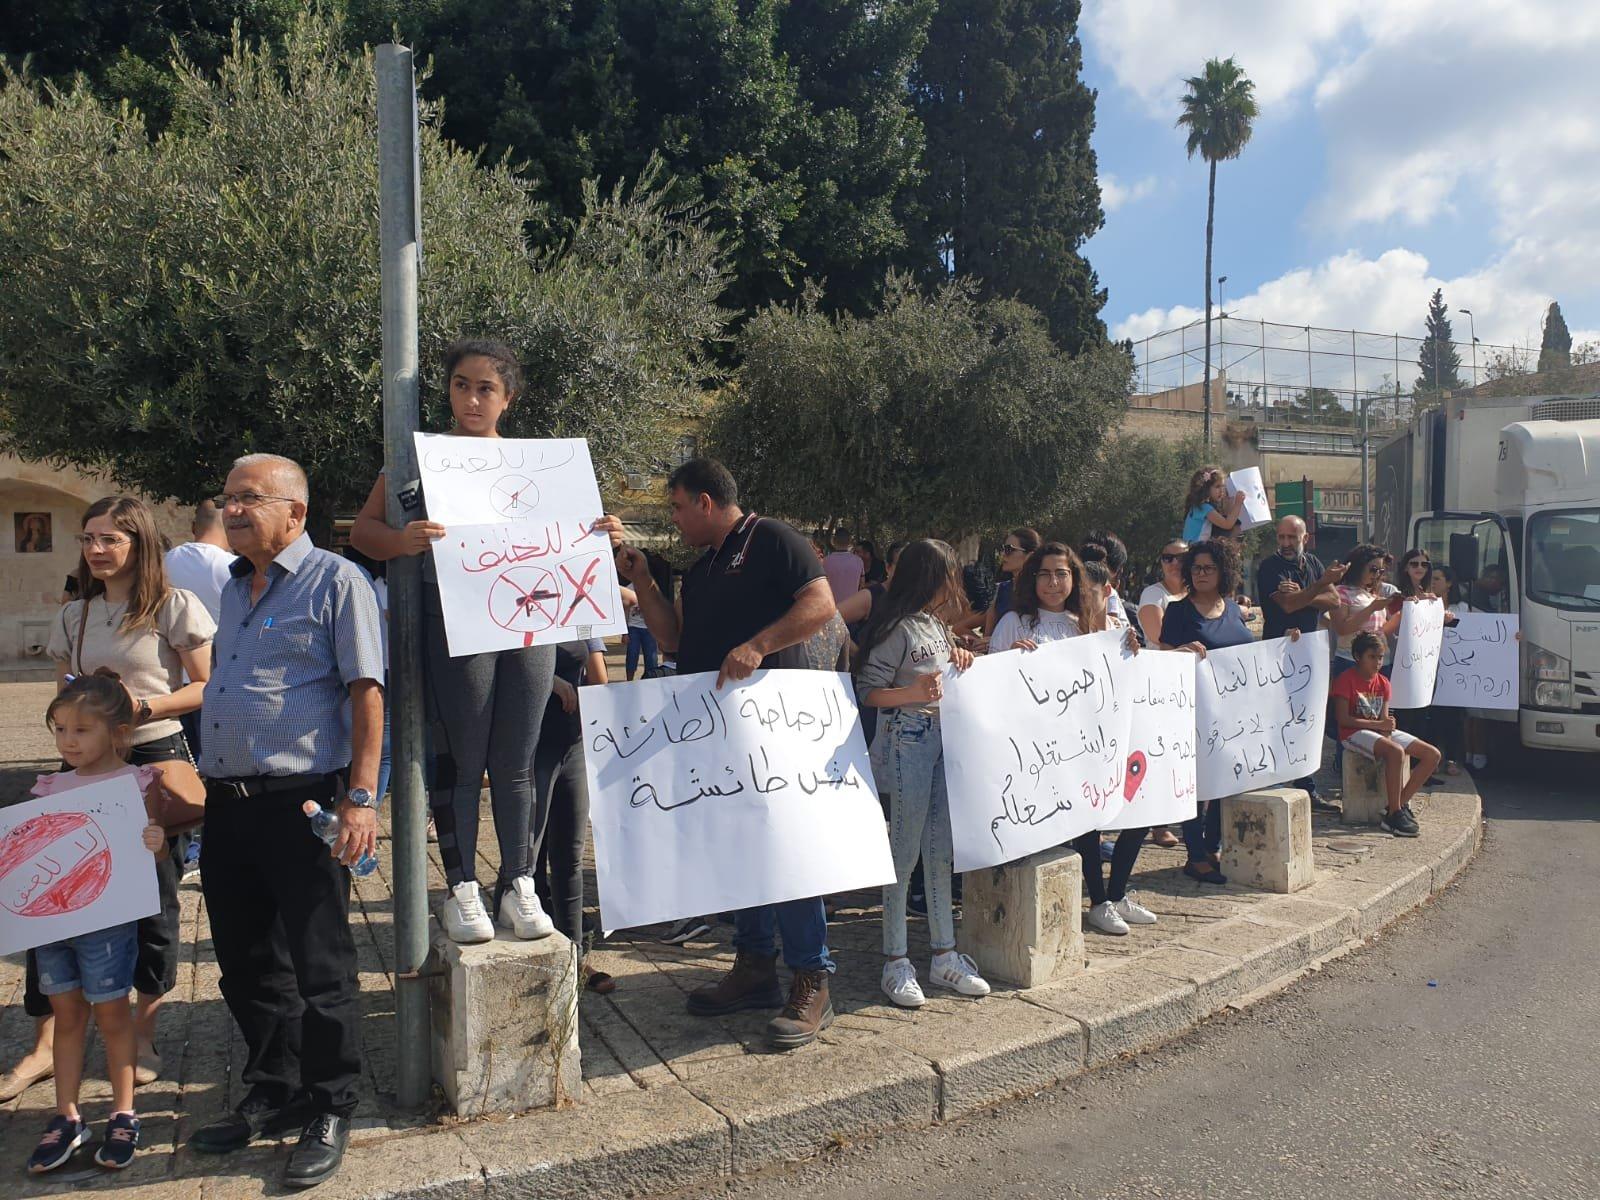 طلاب الناصرة يرفعون راية  أوقفوا العنف من حقنا العيش بأمان